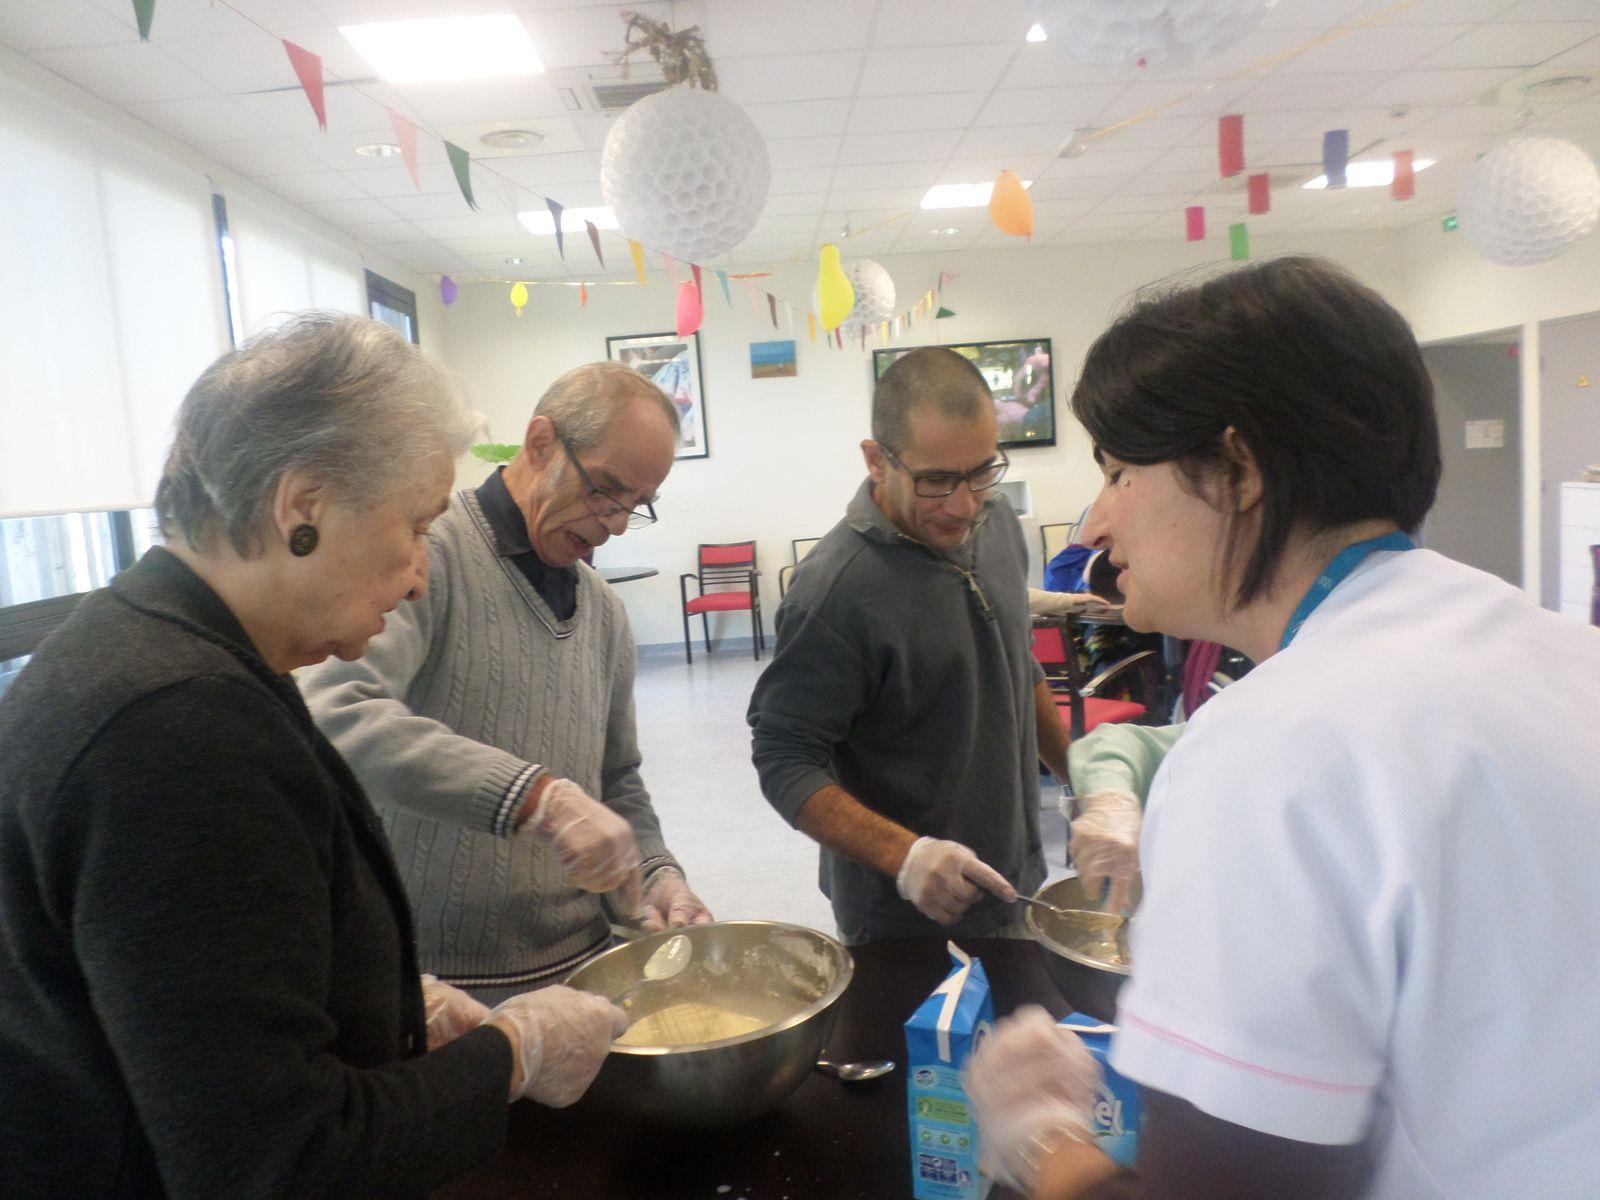 préparation d'une pâte à crêpes et petits jeux